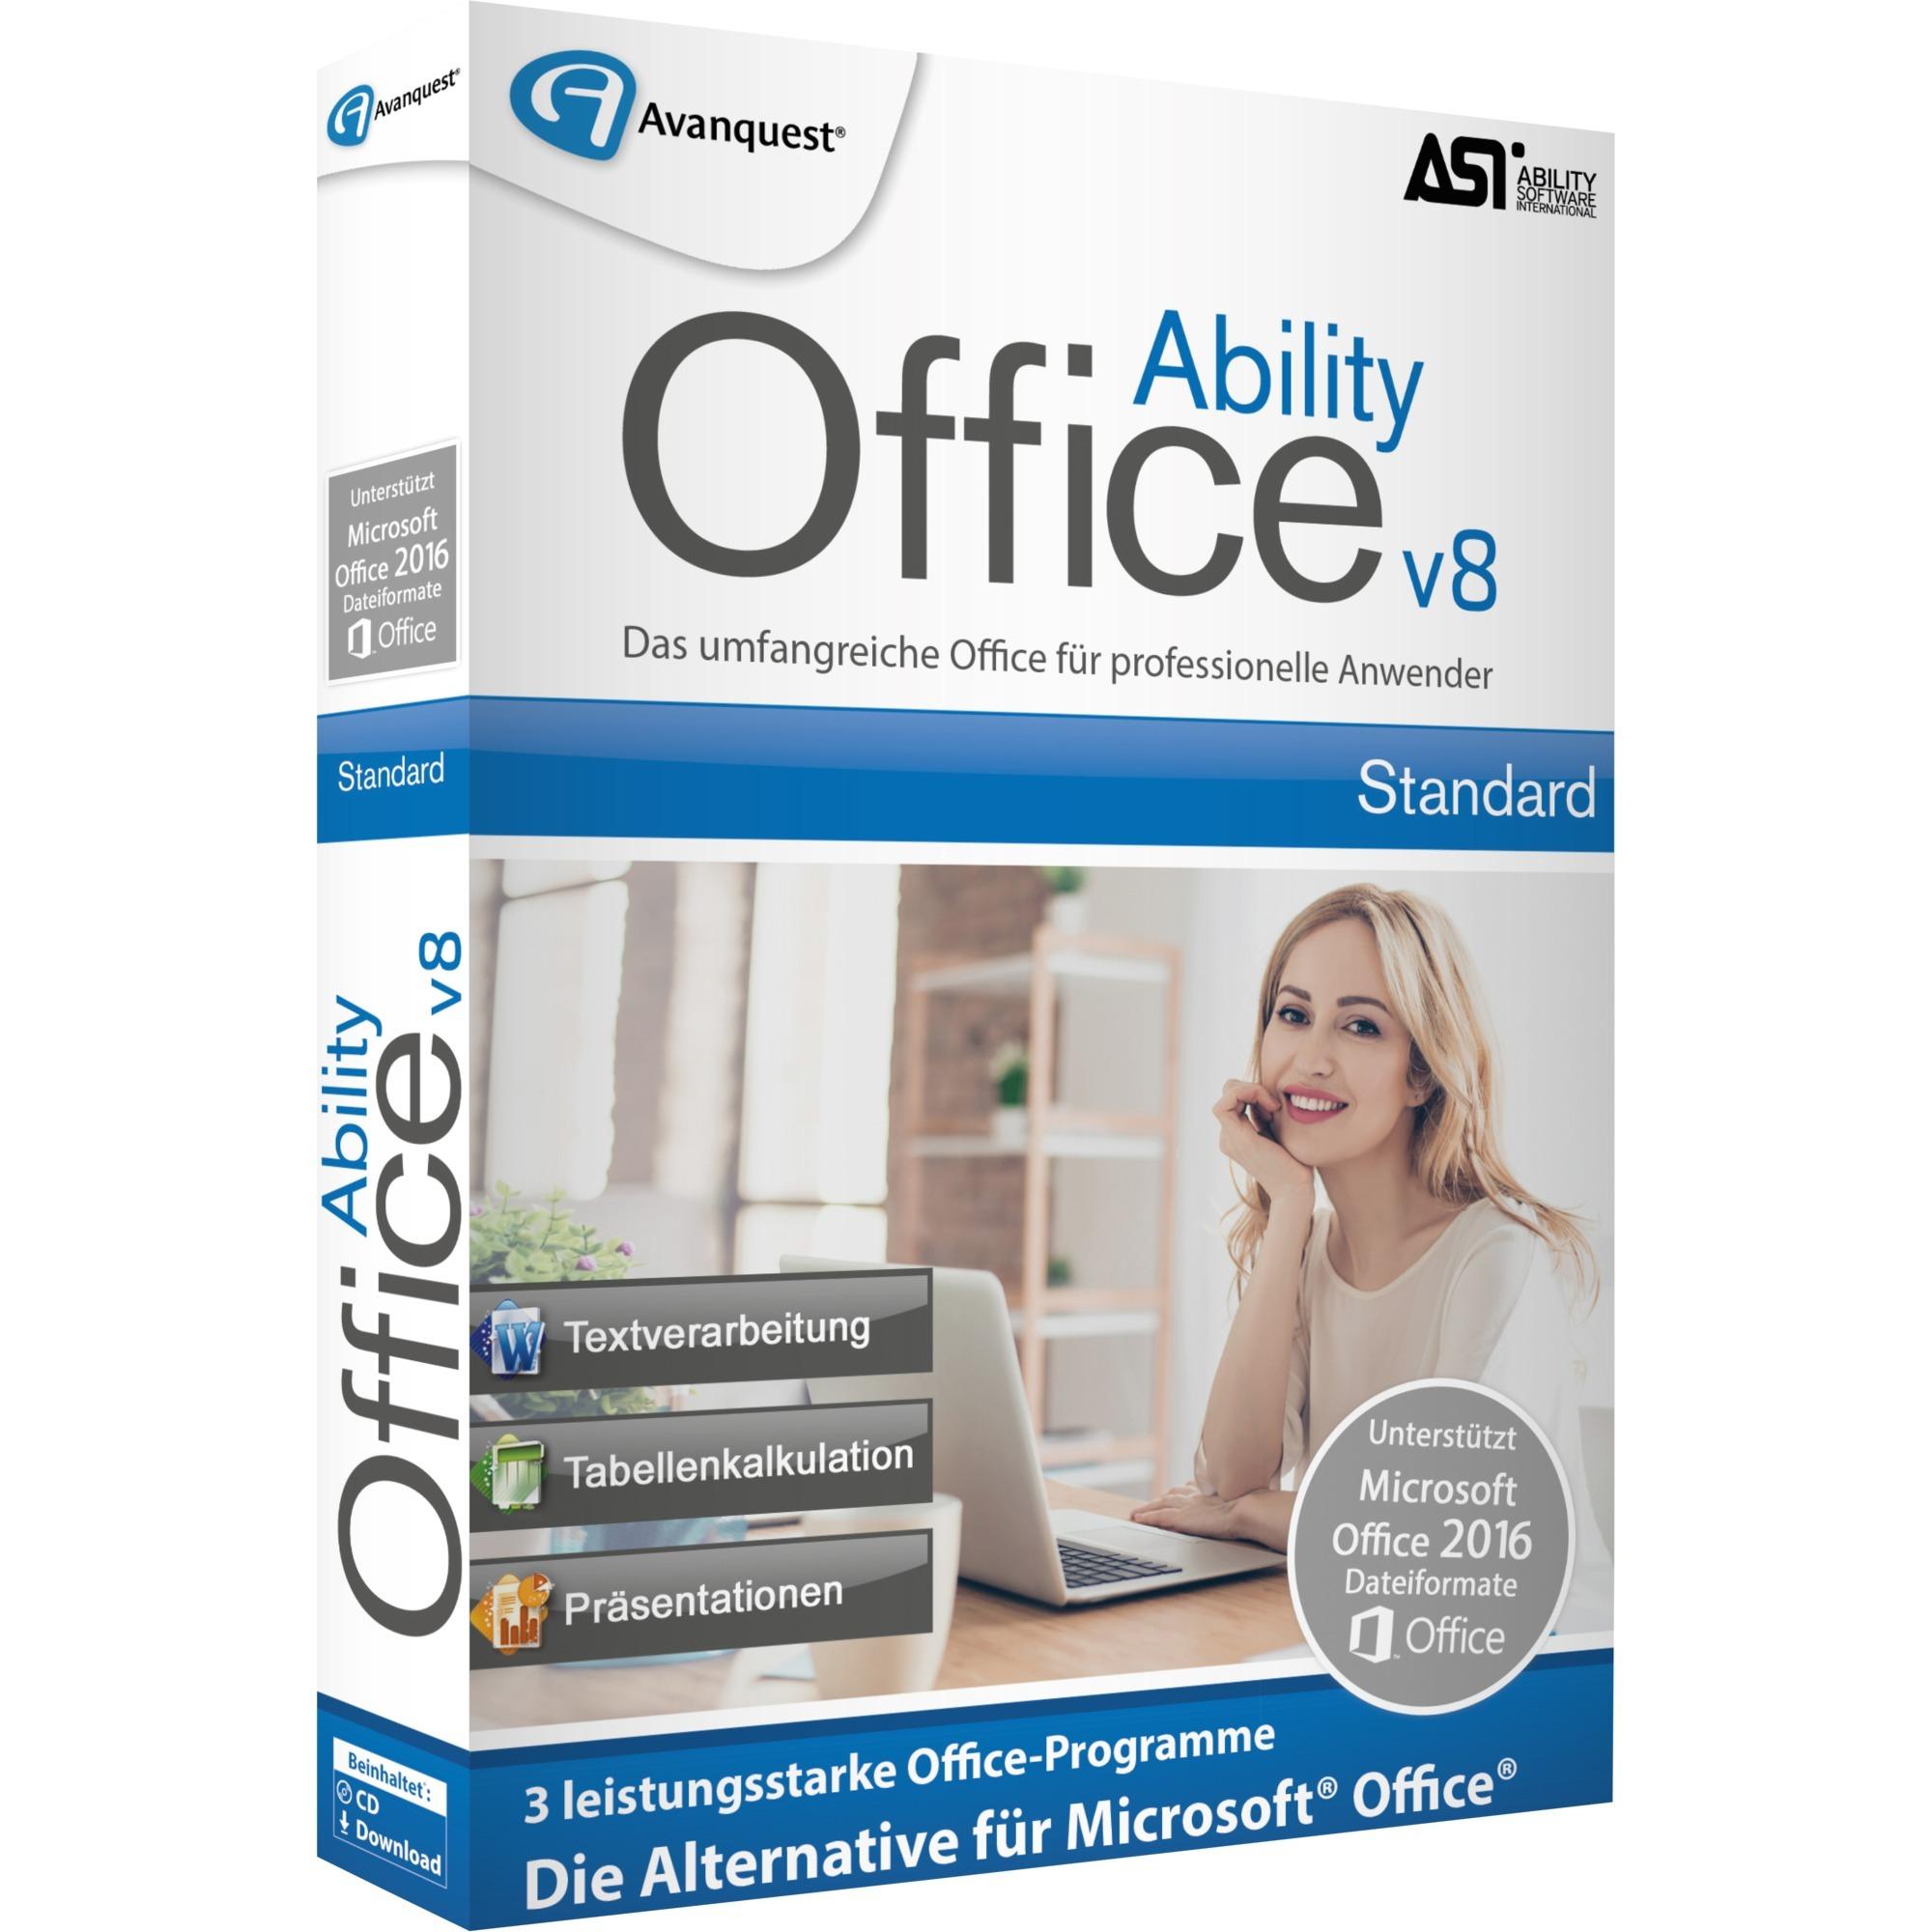 Büroanwendungen | Ability Office 8